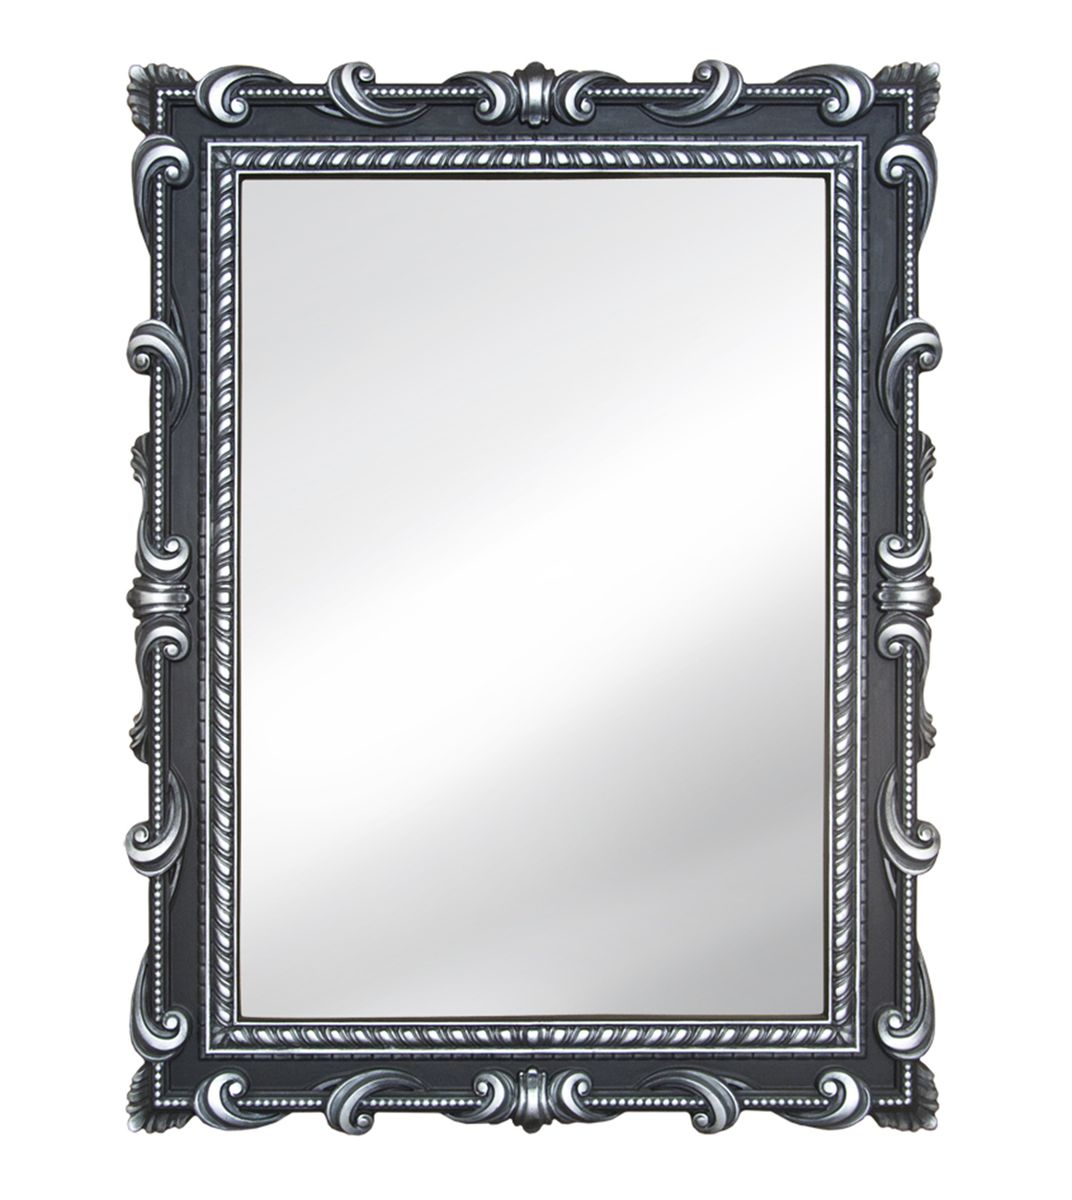 Зеркало VezzoLLi Тениа, цвет: черный, 94 х 72 смFS-80418С обратной стороны зеркало снабжено тремя металлическими подвесами для возможности разместить его и вертикально и горизонтально.